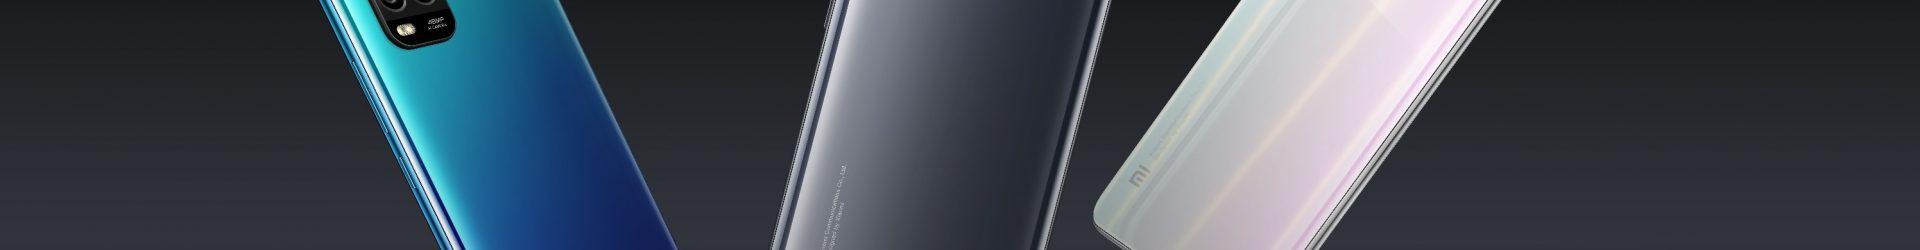 Xiaomi Mi 10 Lite 5G ufficiale: il prezzo lo fa diventare il più interessante della Mi 10 Family